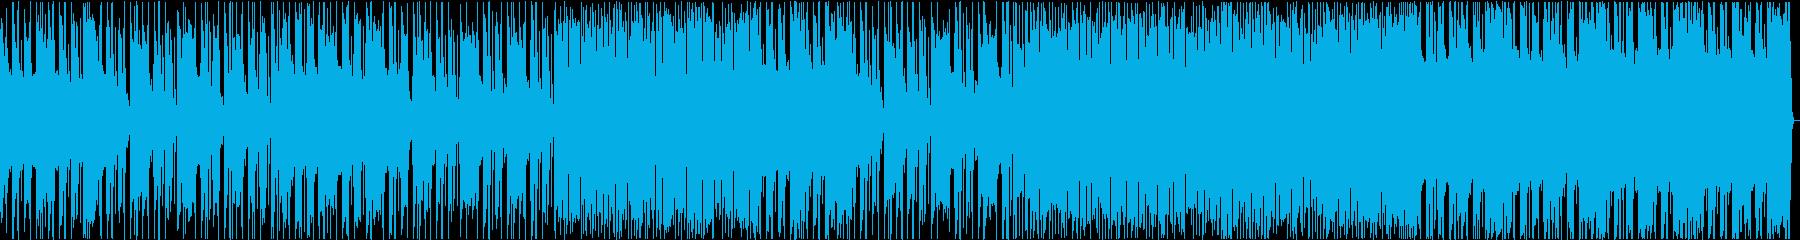 極上のファンキーでロッキンな曲で踊ろうの再生済みの波形